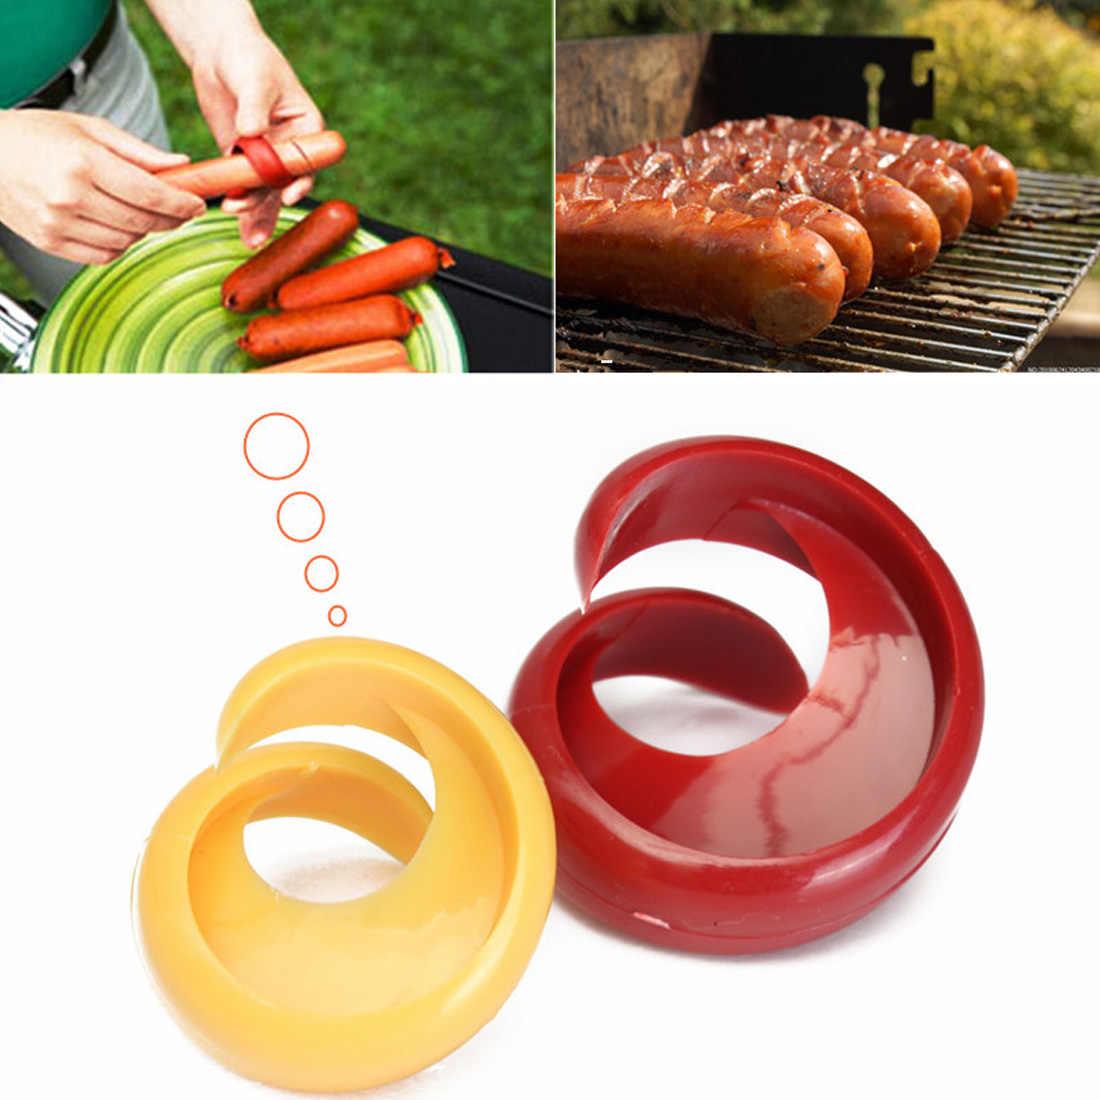 2 Cái/bộ Của Nhãn Hiệu Fancy Xúc Xích Hot Dog Cutter Slicer Cắt Phụ Trợ Tiện Ích cho Ngoài Trời BBQ